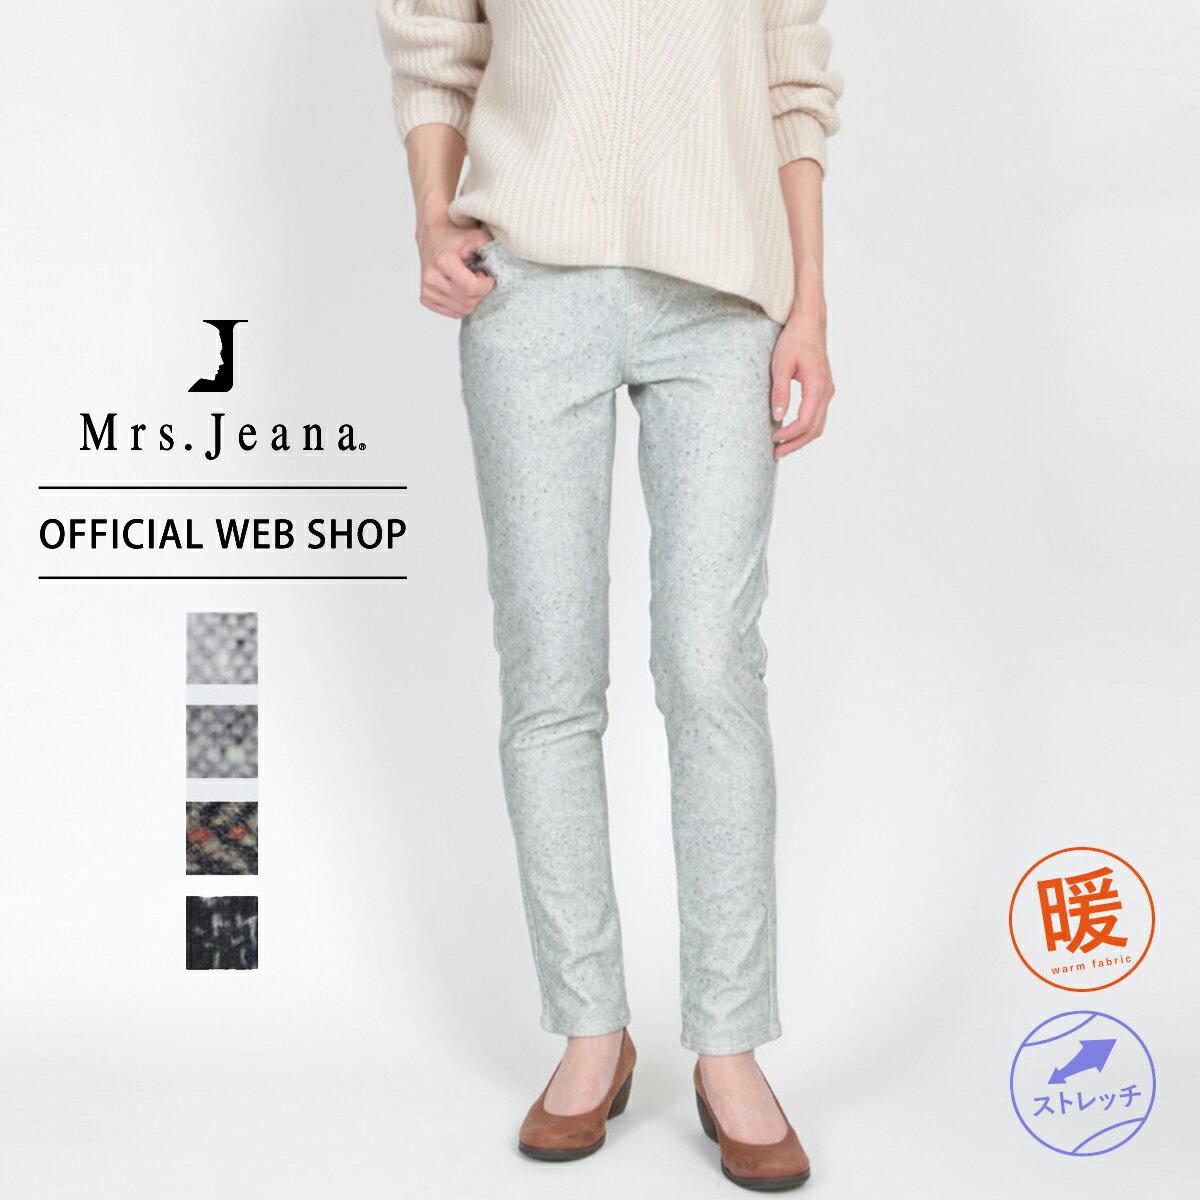 ボトムス, パンツ  1 23 23:59 SALE Mrs.Jeana MJ4491